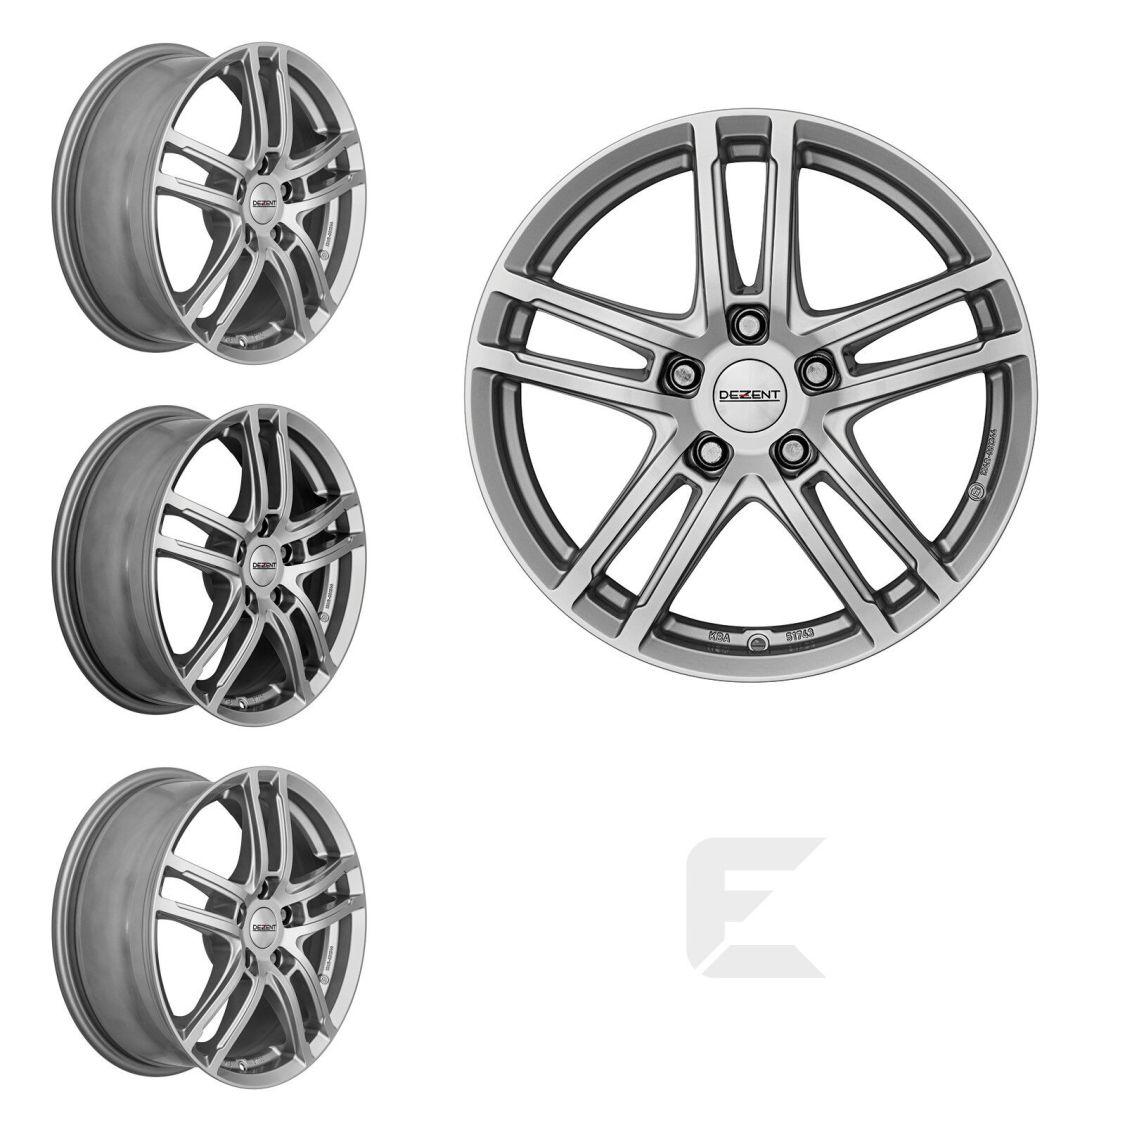 4x 18 Zoll Alufelgen für Mercedes Benz CLA, Shooting brake.. uvm. (B-8300758)